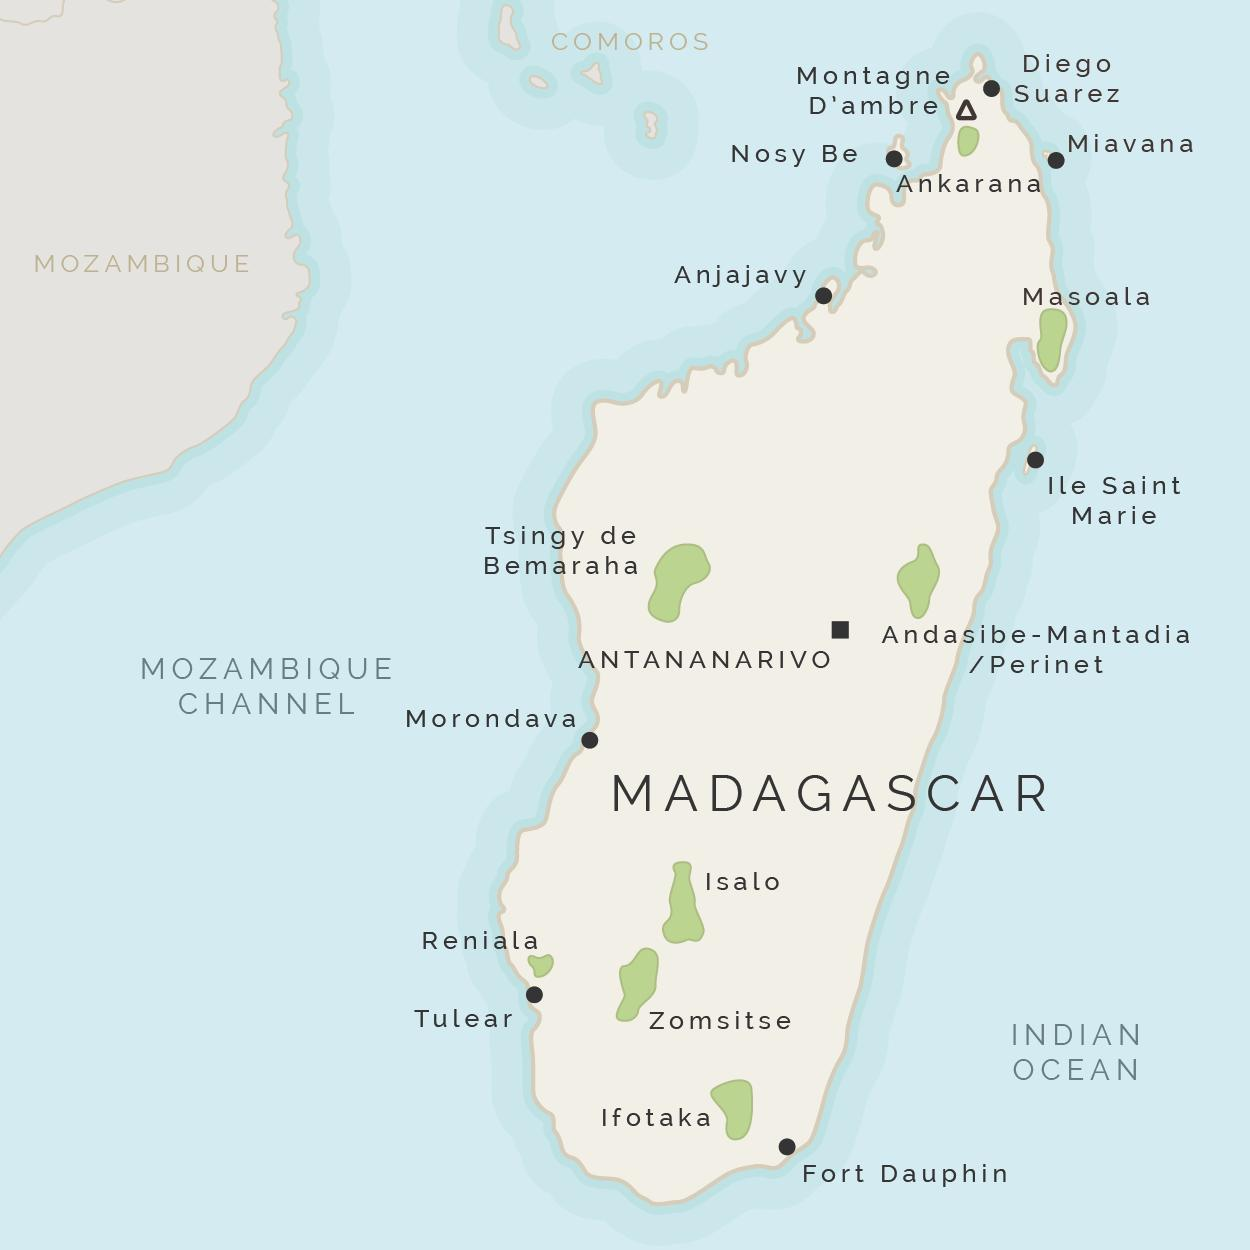 মাদাগাস্কার-দ্বীপ-মানচিত্র